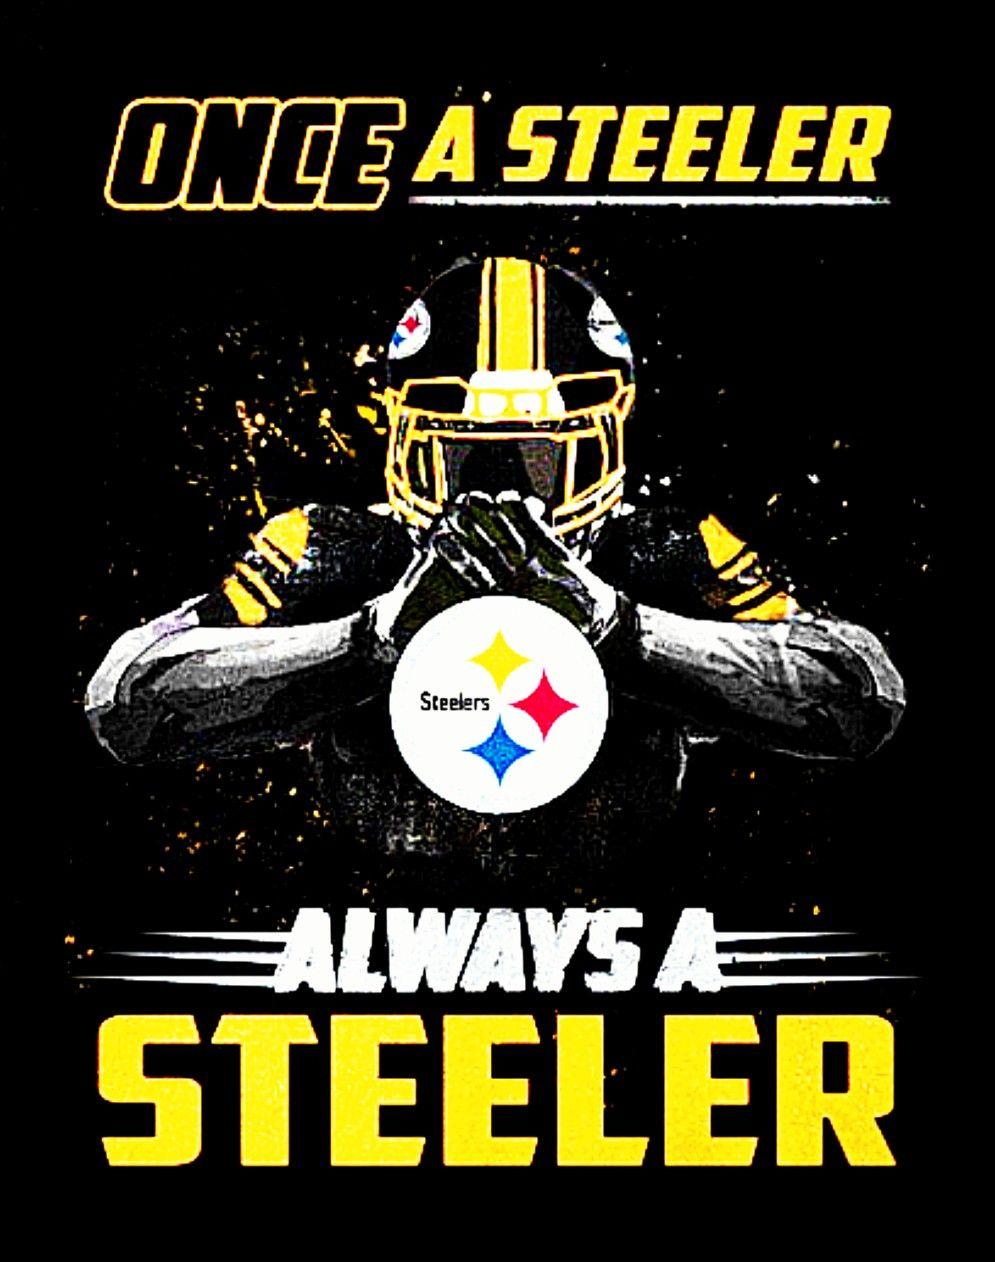 Ooohhh yeaaa!! 🖤💛🖤💛 Steelers